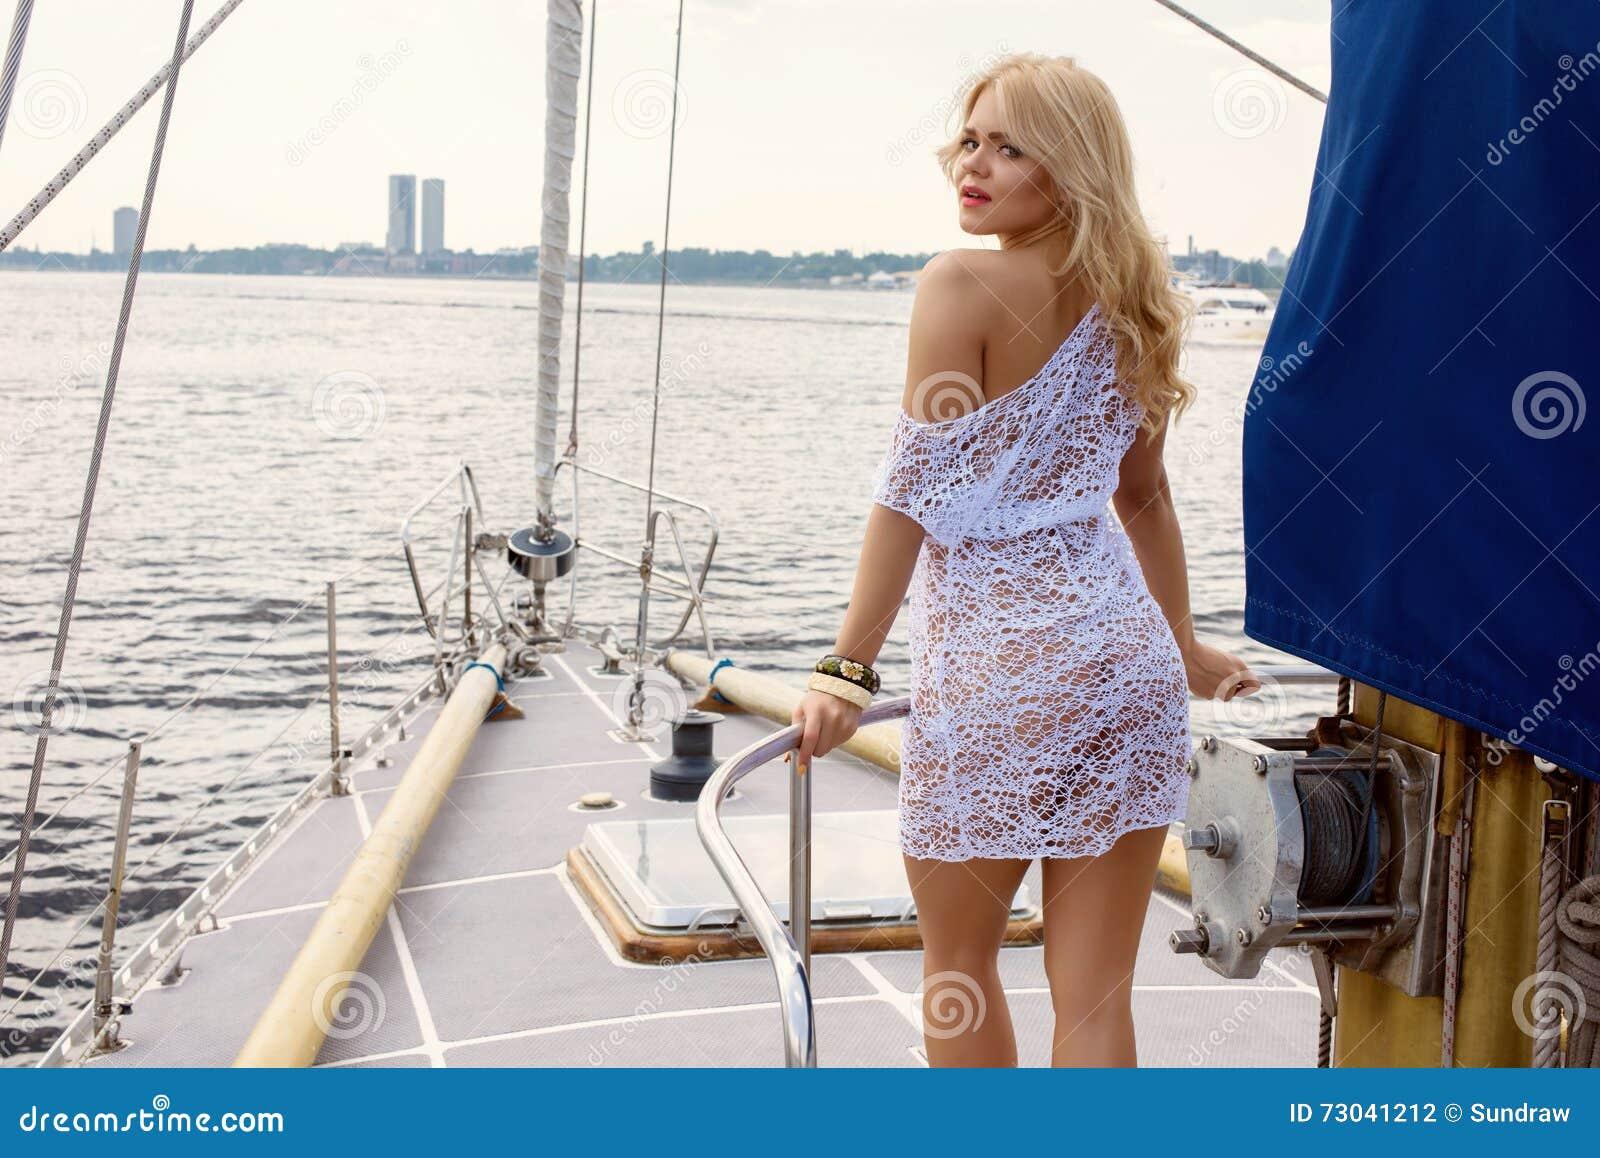 Фото в белом прозрачном платье